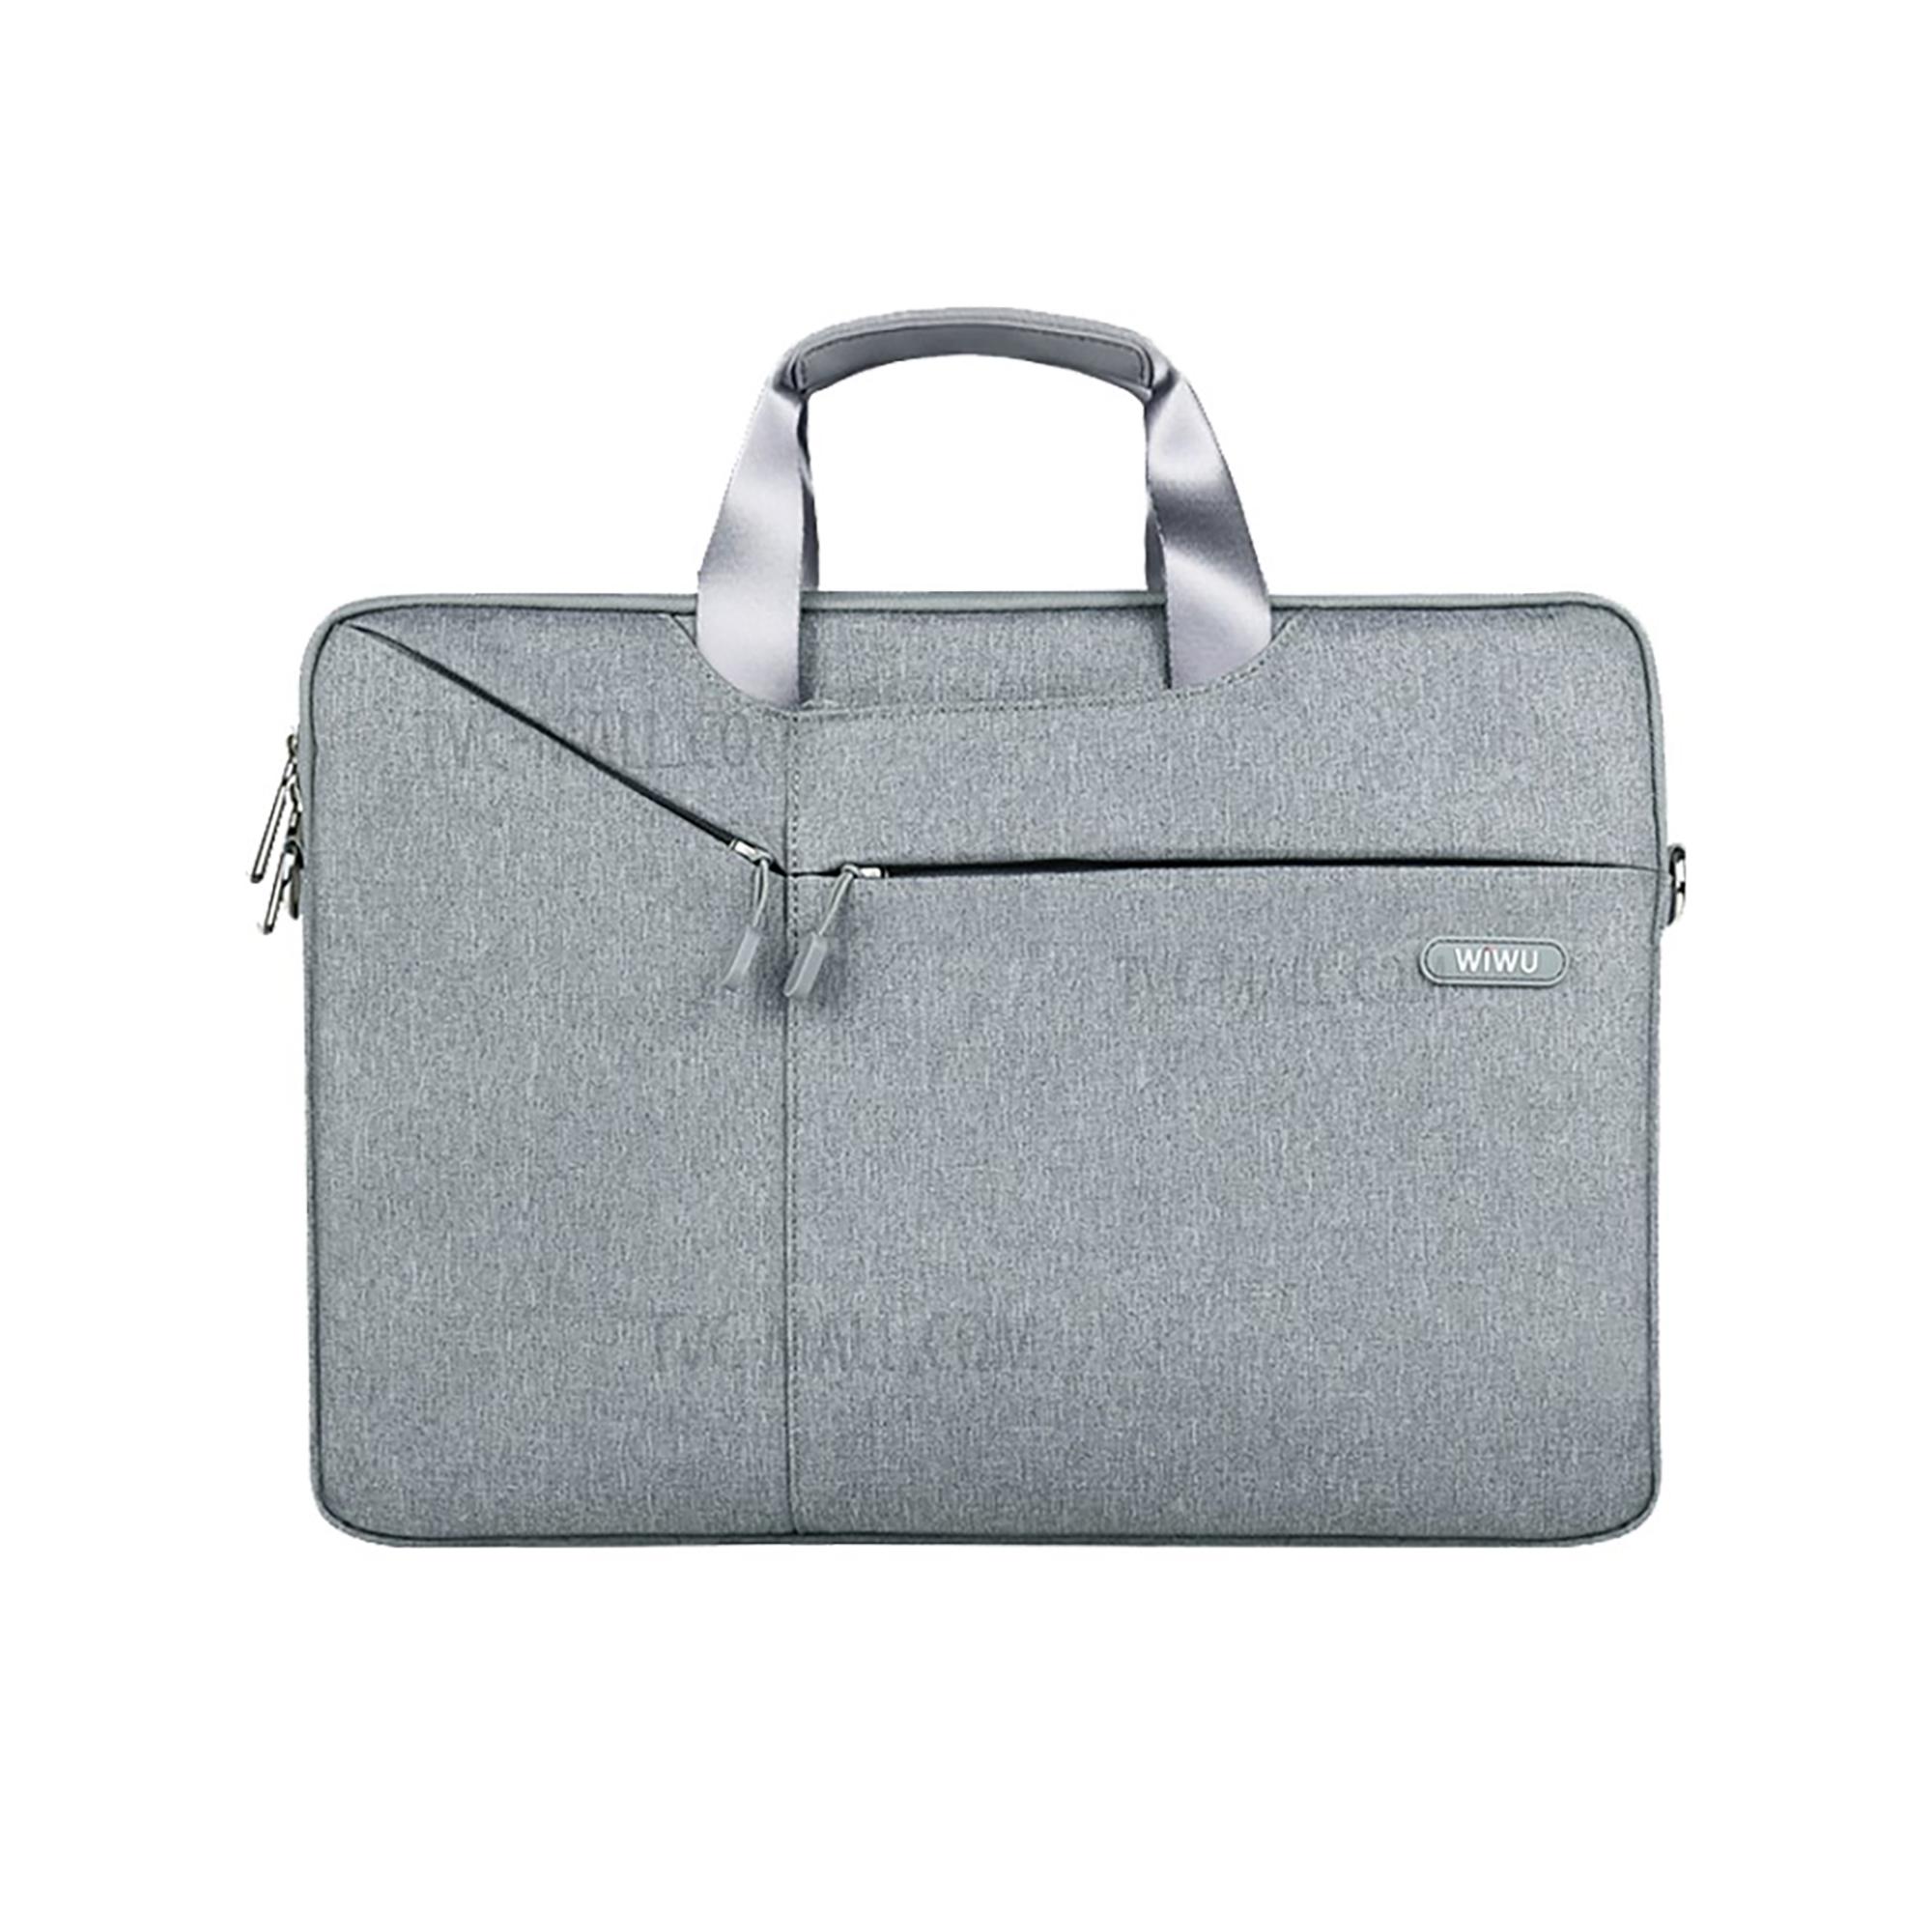 کیف لپ تاپ ویوو مدل gent brief مناسب برای لپ تاپ 15 اینچی